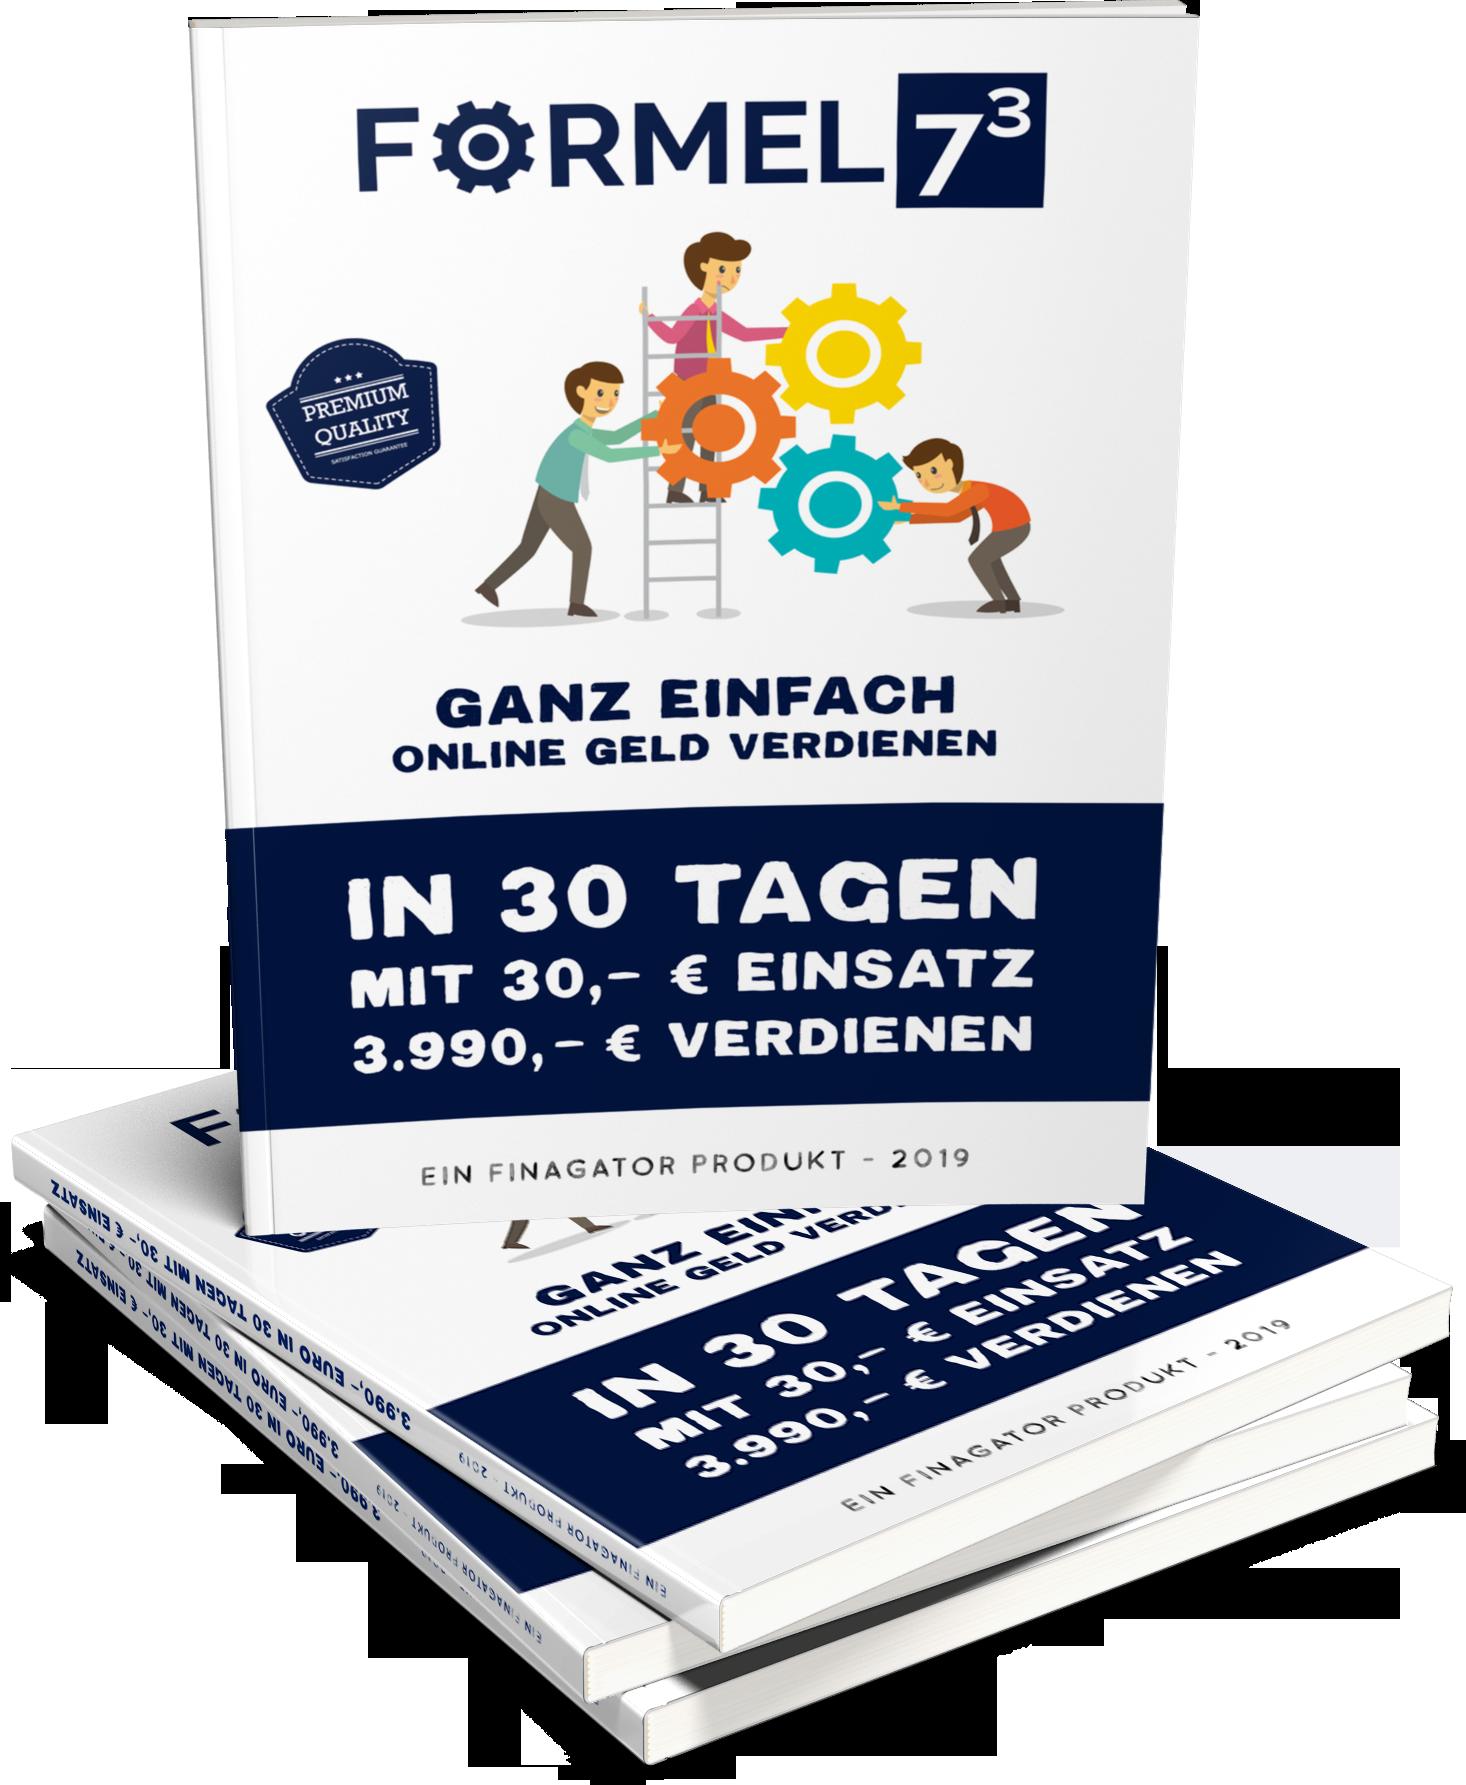 FinaGator und Formel 7³